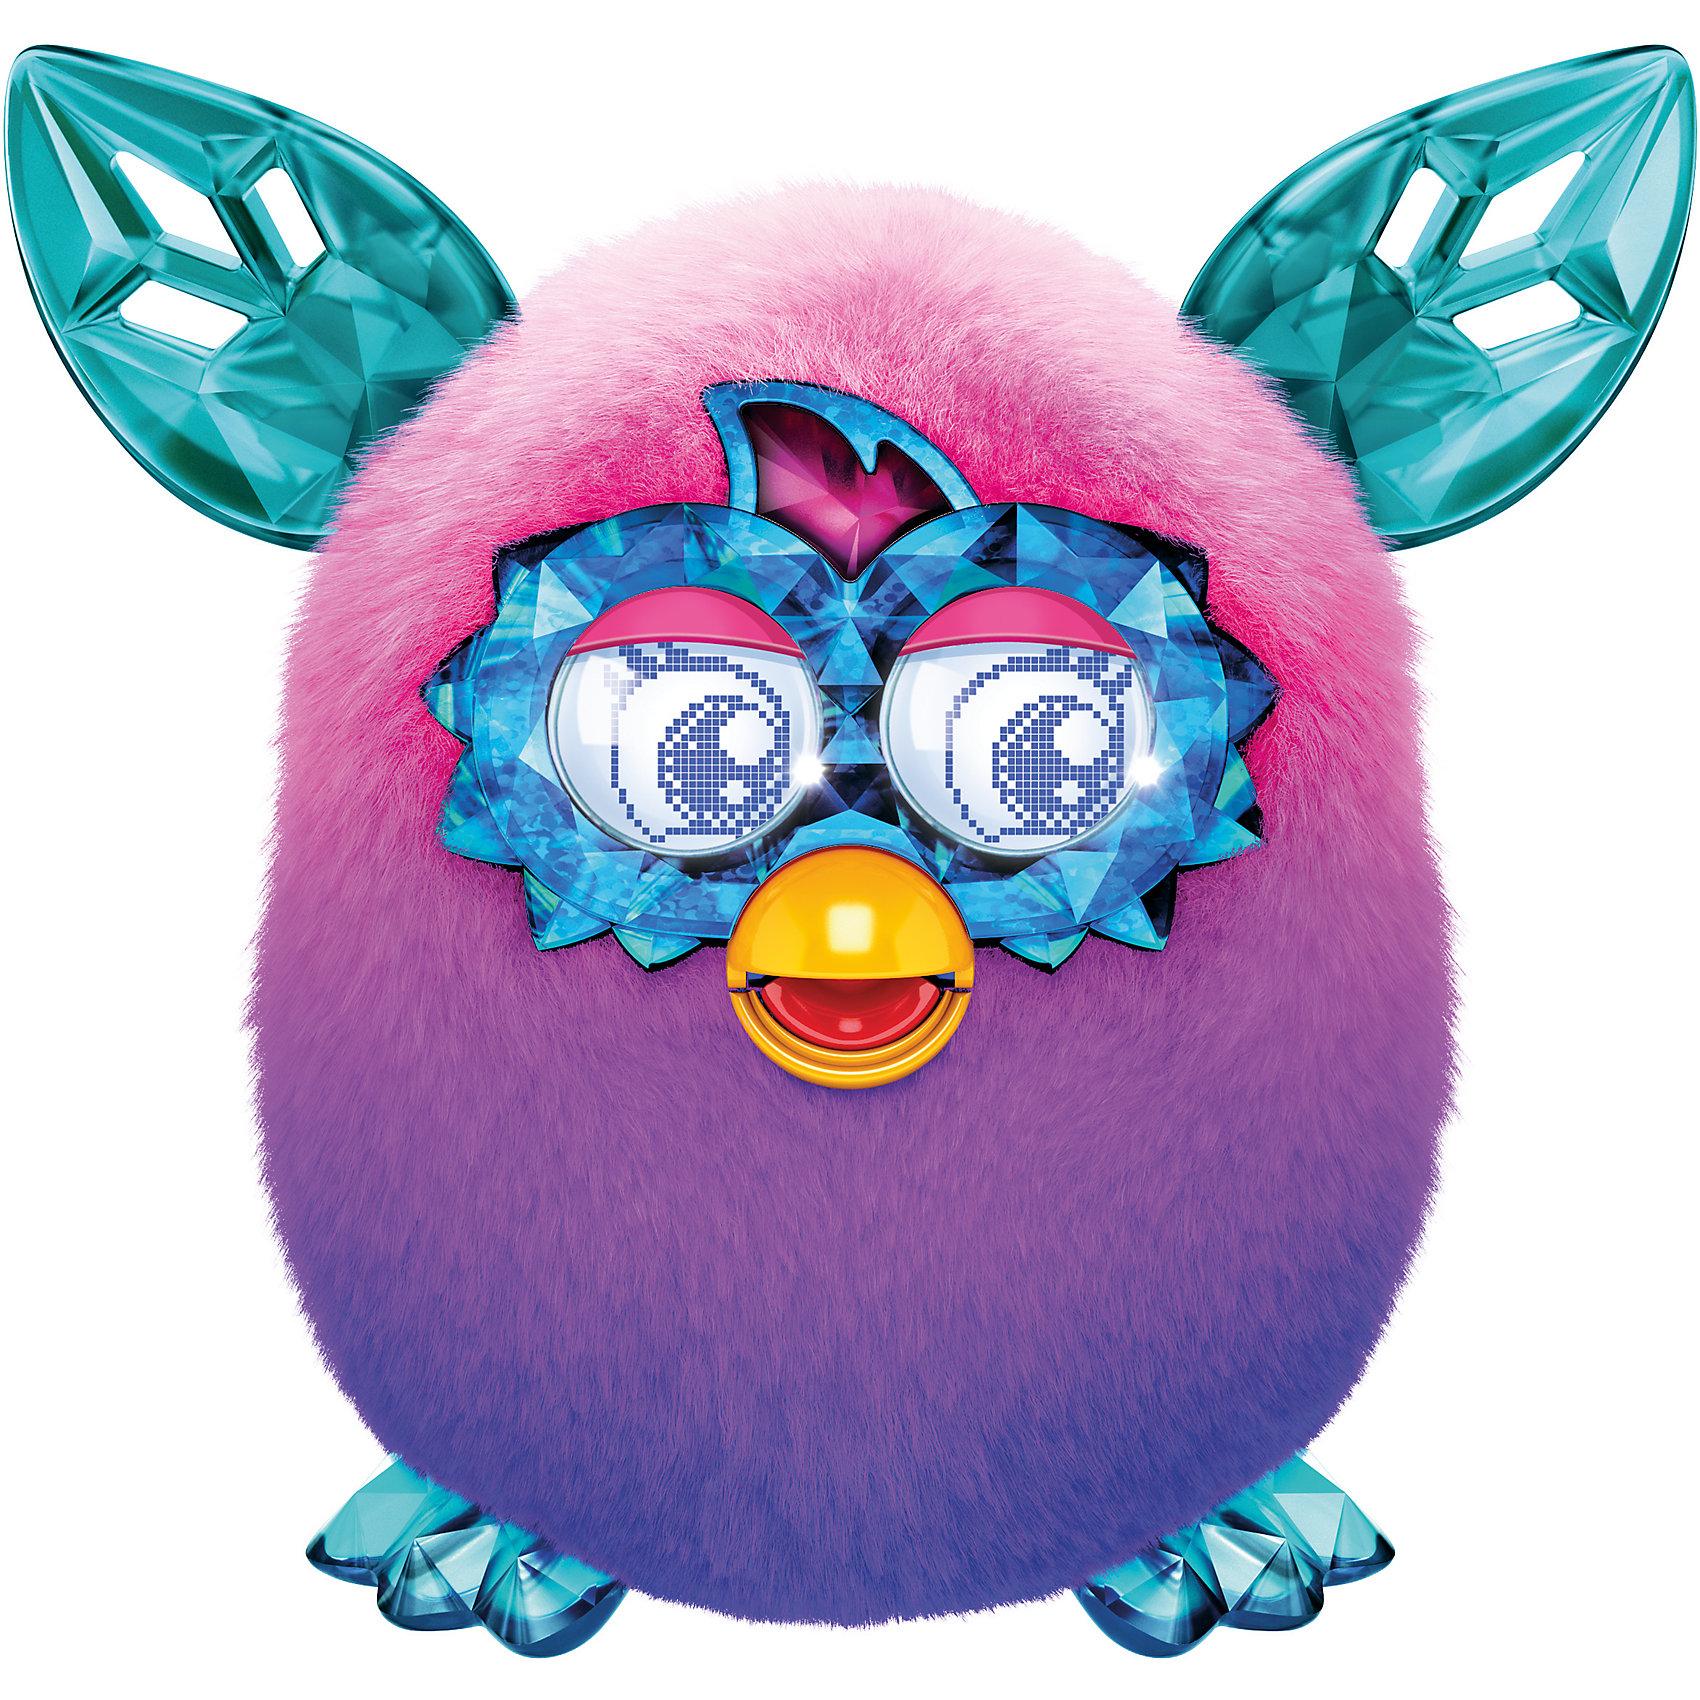 Интерактивная игрушка Furby Crystal (Ферби Кристал) Сиренево-розовыйИнтерактивная игрушка Furby Crystal (Ферби Кристал) Сиренево-розовый - это уникальная игрушка, которая станет отличным подарком для детей.<br>Ты только посмотри на этого красавца! Мохнатые любимцы вновь изменили образ! Фёрби Кристал имеют совершенно новый контент и, как все Фёрби обладают разными кристальными характерами - Принцесса, Болтун, Музыкант, Злюка, Сумасшедший. Питомец разговаривает на фербише и на русском языке. Со временем он также выучит и новые слова и фразы. А еще твой любимец сможет запомнить свое имя и имена своих друзей, с которыми будет общаться. У него очень яркая и красивая шубка с нежными переливами, резные ушки и симпатичная мордашка. Уши, лапки и глаза выглядят как кристаллы, отчего малыш и получил такое название. Глаза у нового Furby Cristal стали еще более функциональными и с более богатой анимацией. У этого малыша есть масса интересных функций. Он умеет размножаться в виртуальном пространстве. Посмотри, из яйца вылупился маленький Ферблинг, который будет с удовольствием общаться со своим родителем. Только существа из коллекции Ферби Кристалл, такие радужные и непредсказуемые, и умеют играть с бесплатным новым приложением!<br><br>Дополнительная информация:<br><br>- Высота: 13 см.<br>- Цвет: сиренево-розовый<br>- Материал: пластмасса, текстиль<br>- Батарейки: 4 типа 1,5 V AA (в комплект не входят)<br>- Размер упаковки: 20 x 20 x 12 см.<br>- Вес: 765 гр.<br><br>Интерактивную игрушку Furby Crystal (Ферби Кристал) Сиренево-розовый можно купить в нашем интернет-магазине.<br><br>Ширина мм: 124<br>Глубина мм: 200<br>Высота мм: 225<br>Вес г: 765<br>Возраст от месяцев: 72<br>Возраст до месяцев: 1188<br>Пол: Унисекс<br>Возраст: Детский<br>SKU: 4339228